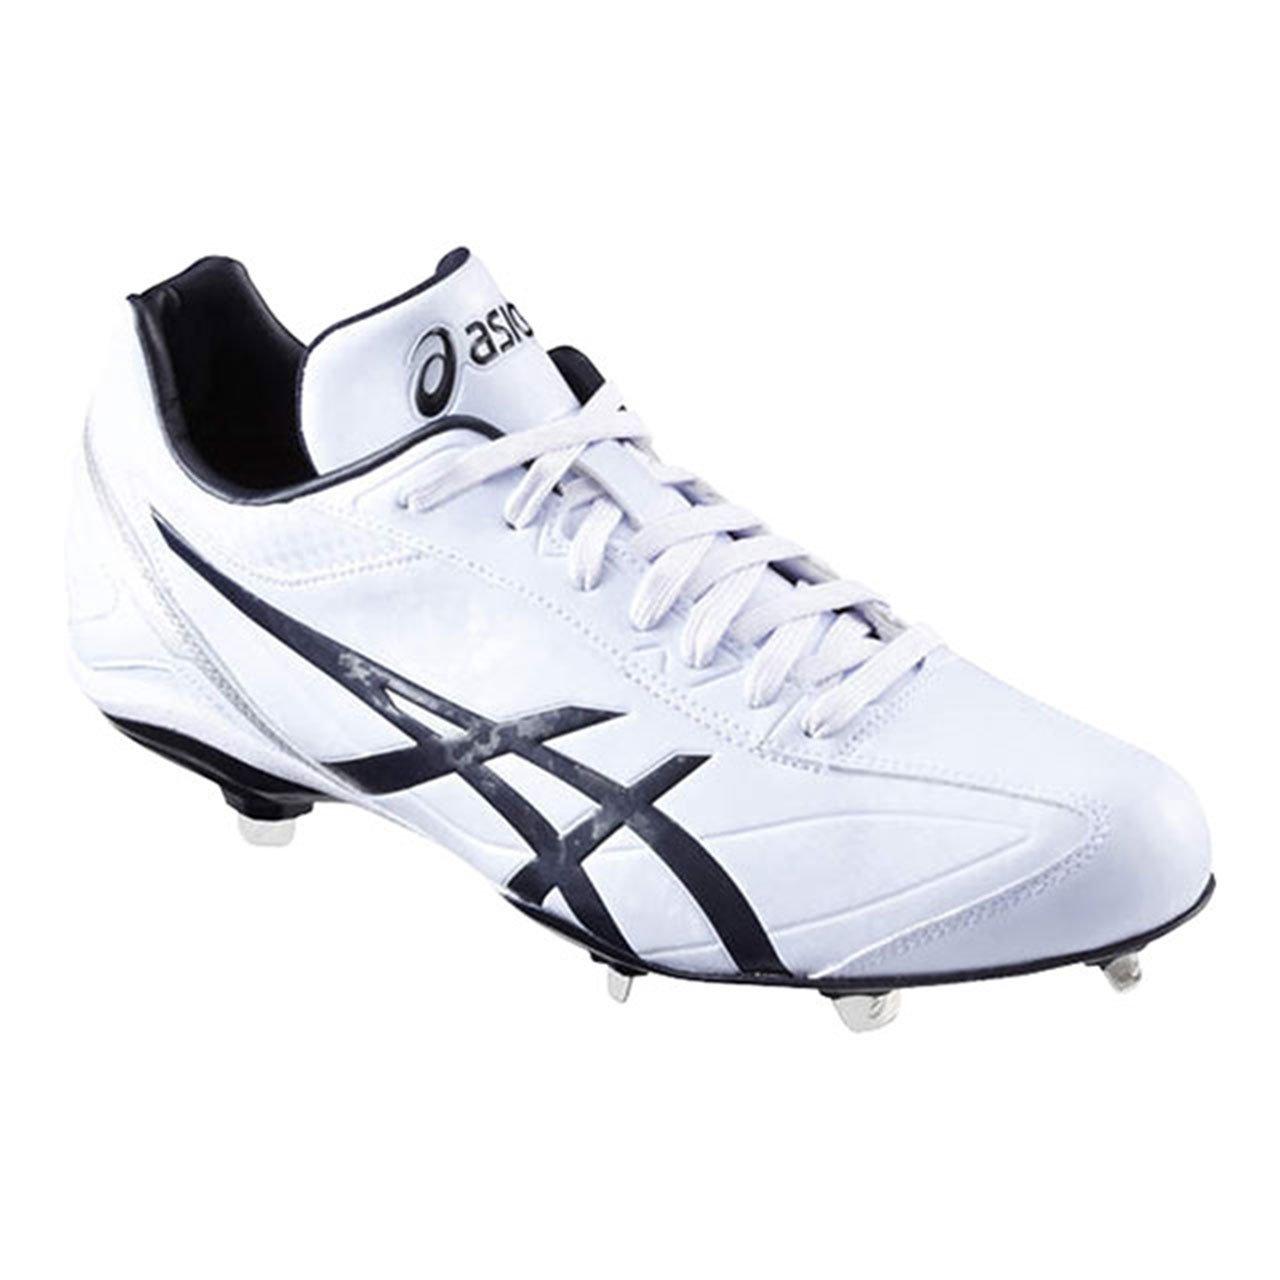 [アシックス] 野球スパイク I DRIVE(現行モデル) B01LSX16CS 24.5 cm|ホワイト×ネイビー(0150) ホワイト×ネイビー(0150) 24.5 cm